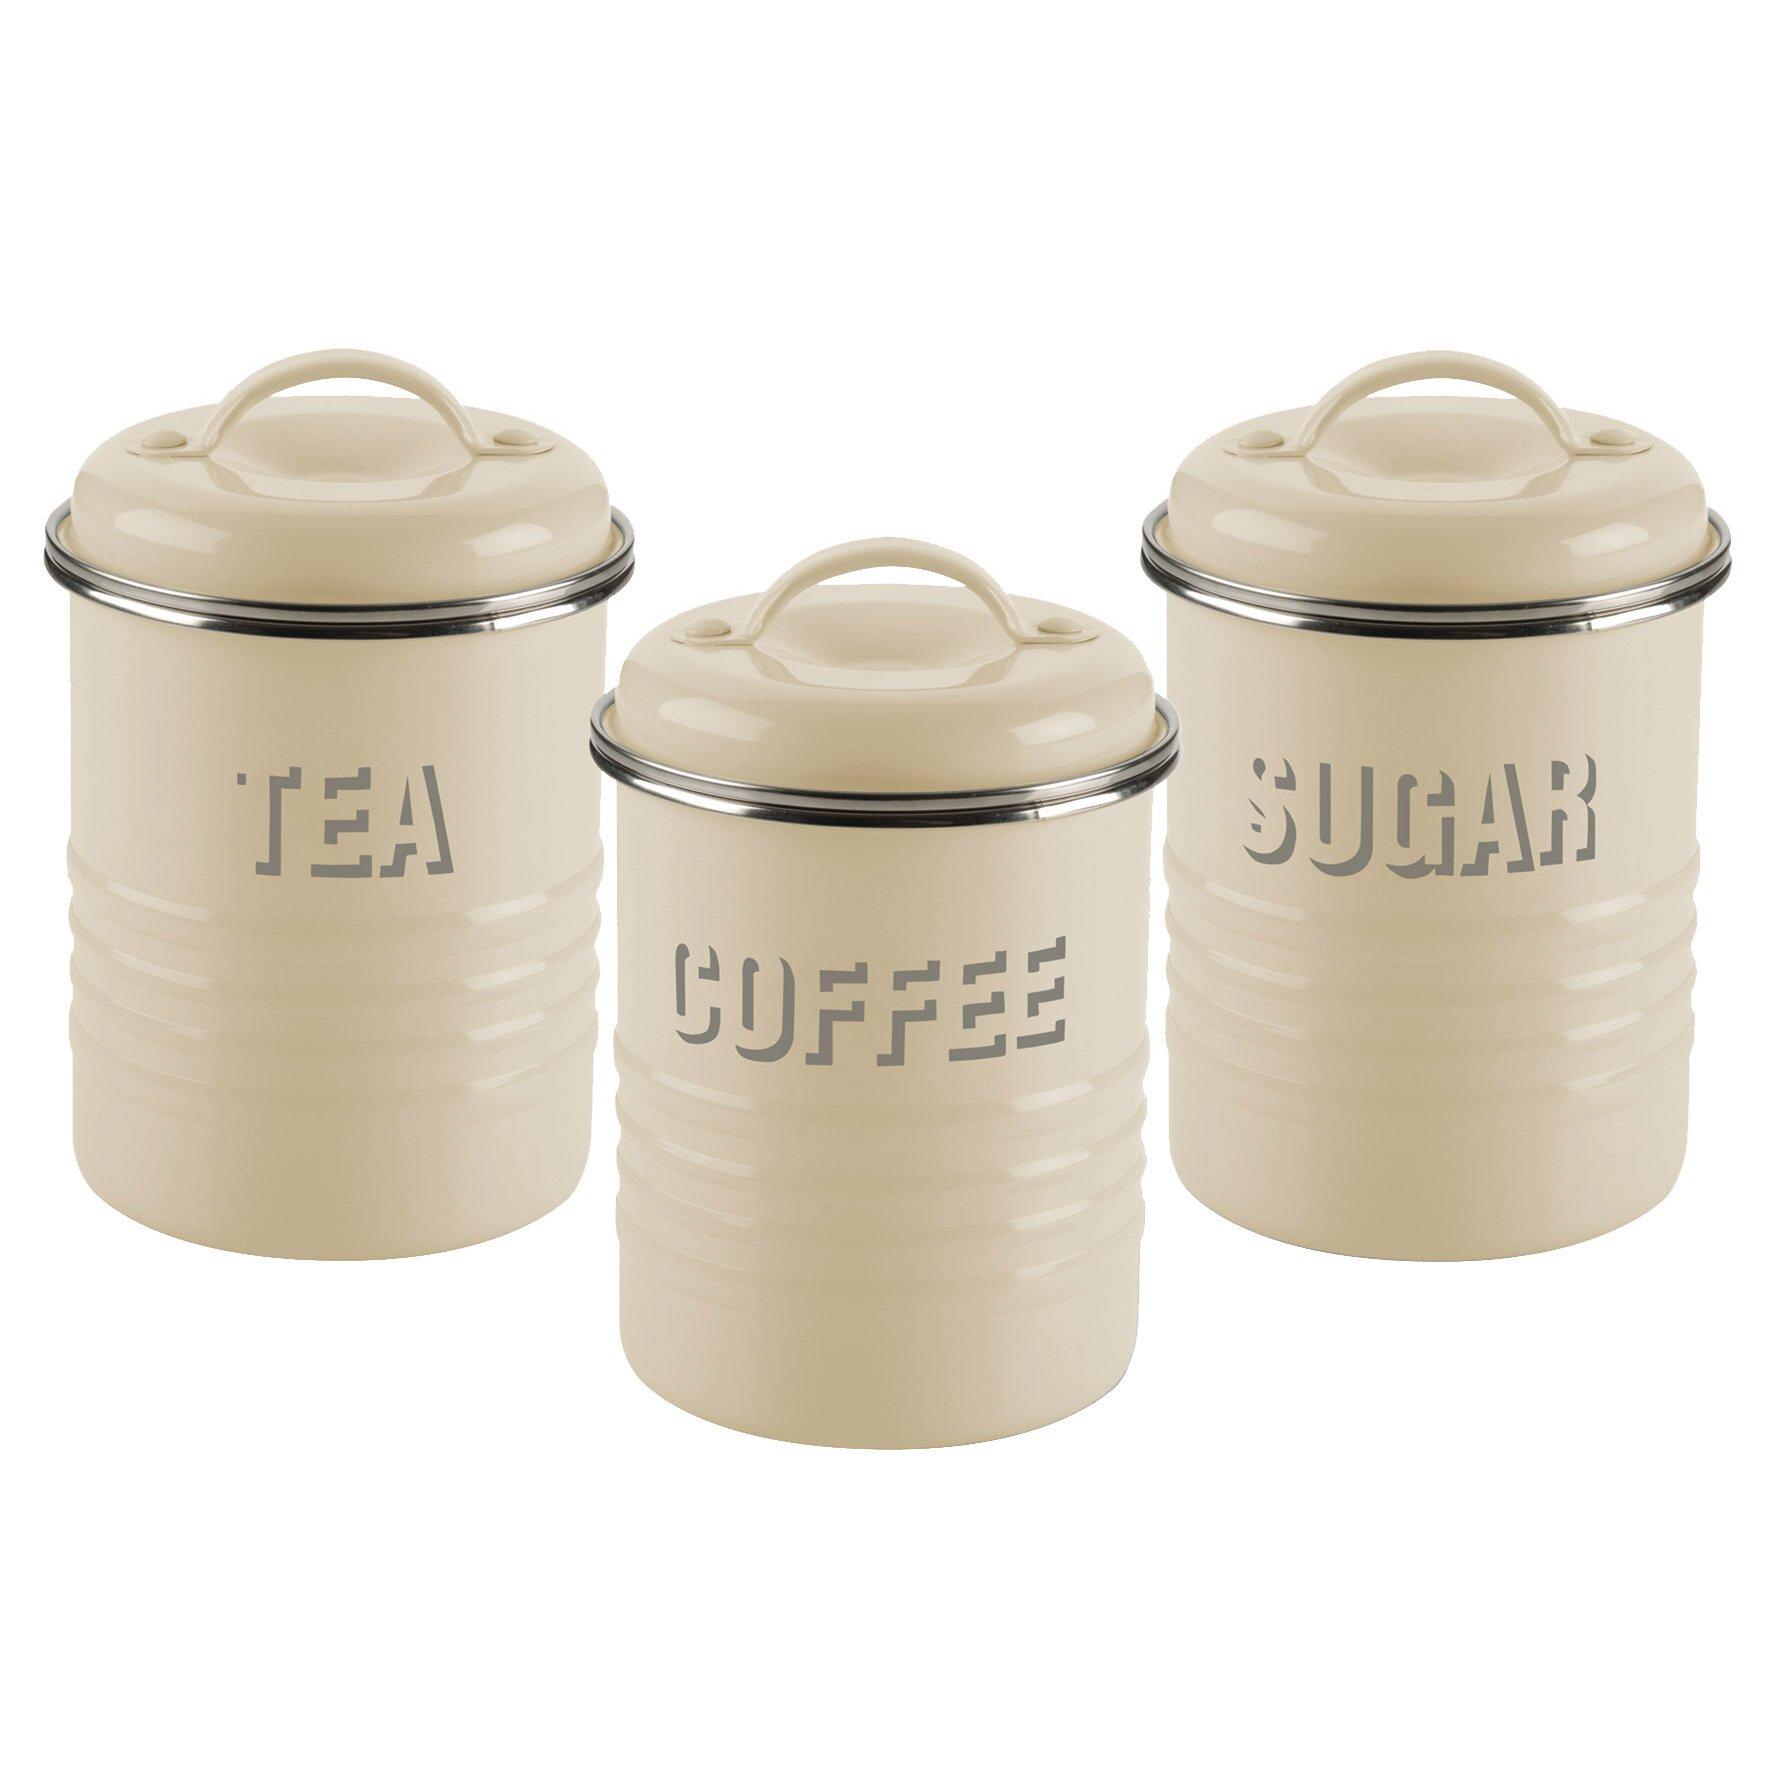 2 Piece Retro Kitchen Typhoon Vintage Kitchen 3 Piece Storage Container Set Reviews